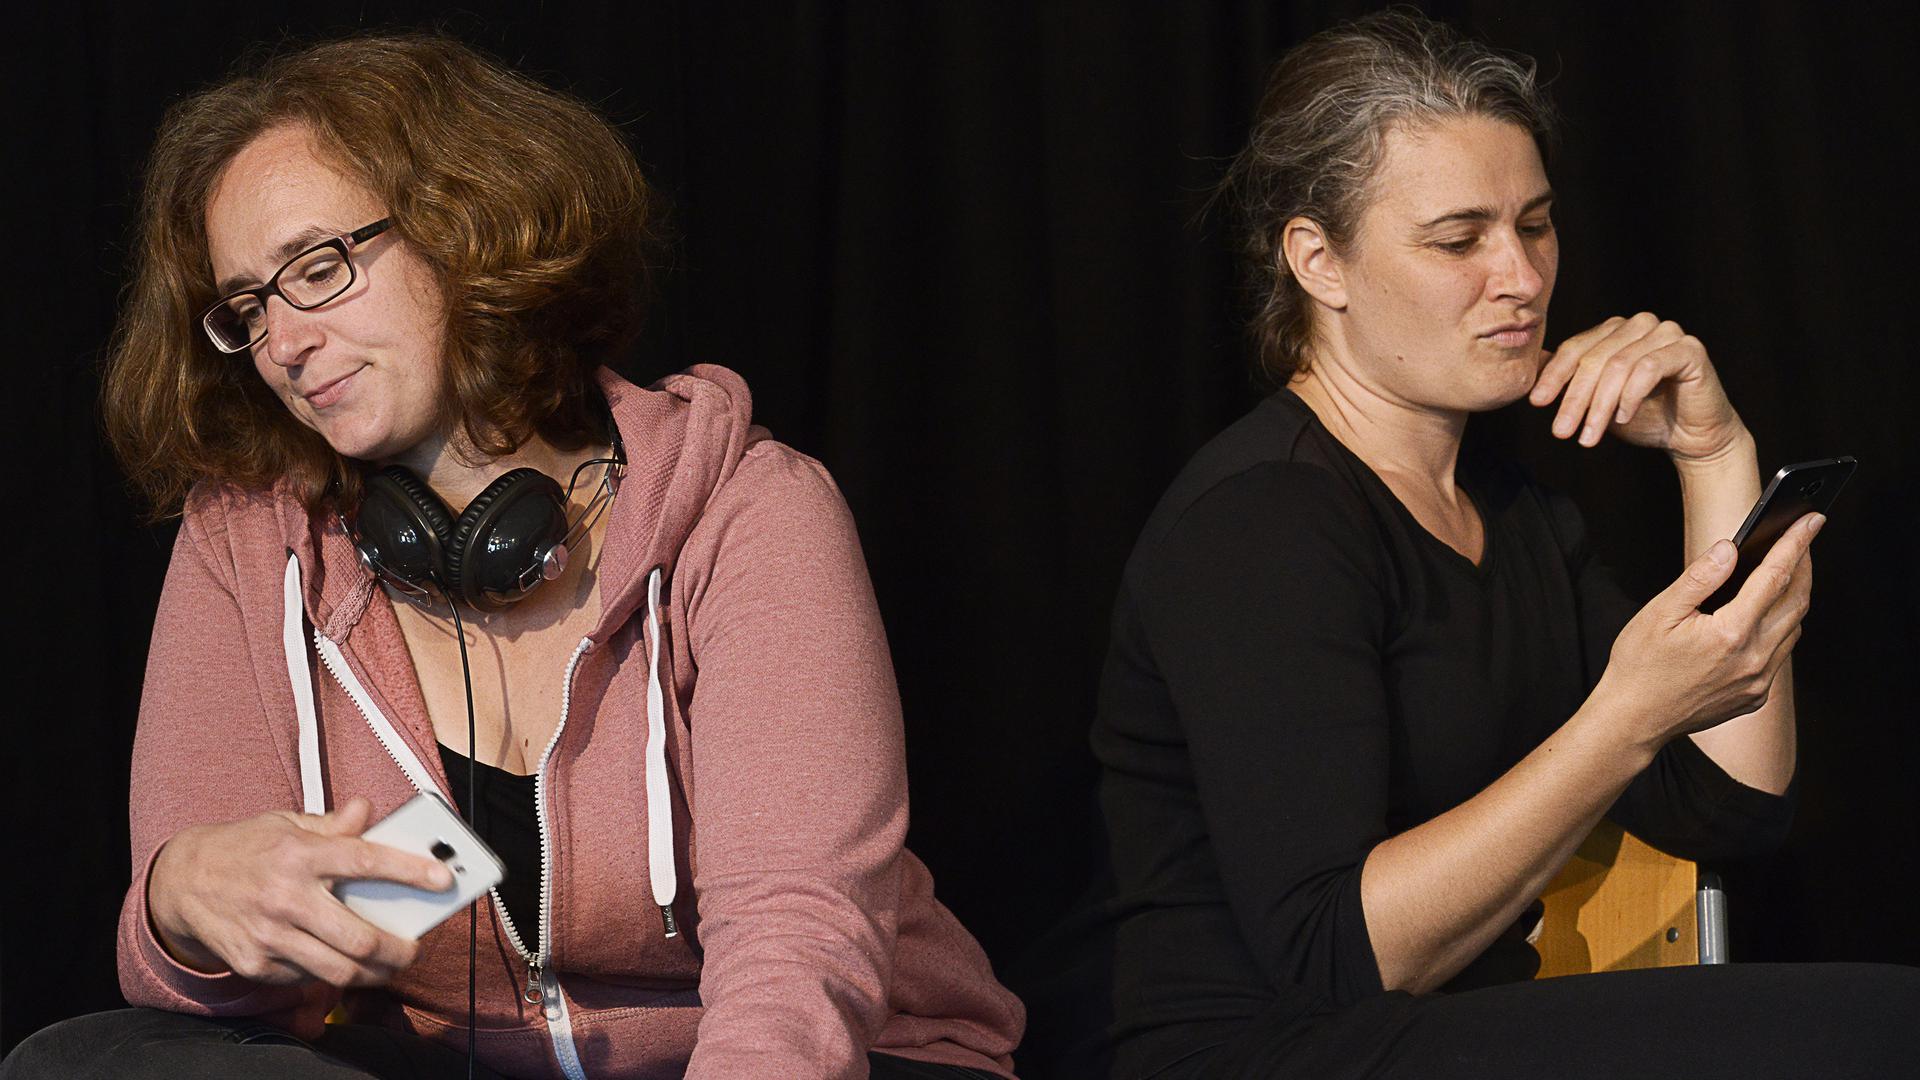 """Melanie Maurer und Christine Theberath von """"voll das Theater"""" als Mika und Jessica im Präventionsstück """"Wo ist der Weg hier raus"""" zum Thema Cybermobbing"""